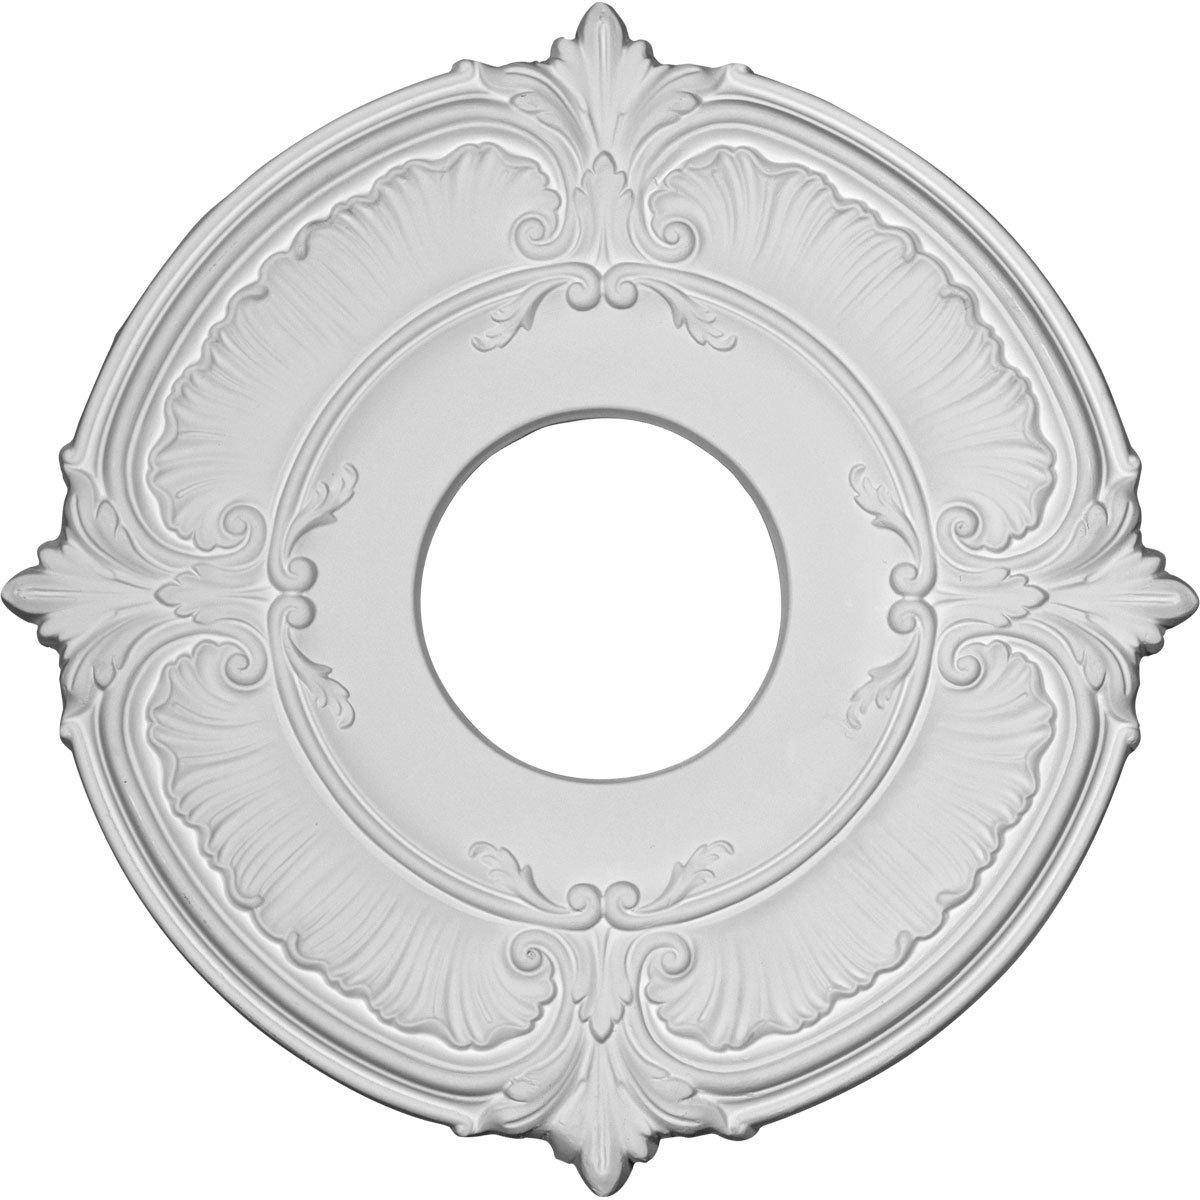 Ekena Millwork CM12AT 11 3/4-Inch OD x 4-Inch ID x 1/2-Inch Attica Ceiling Medallion